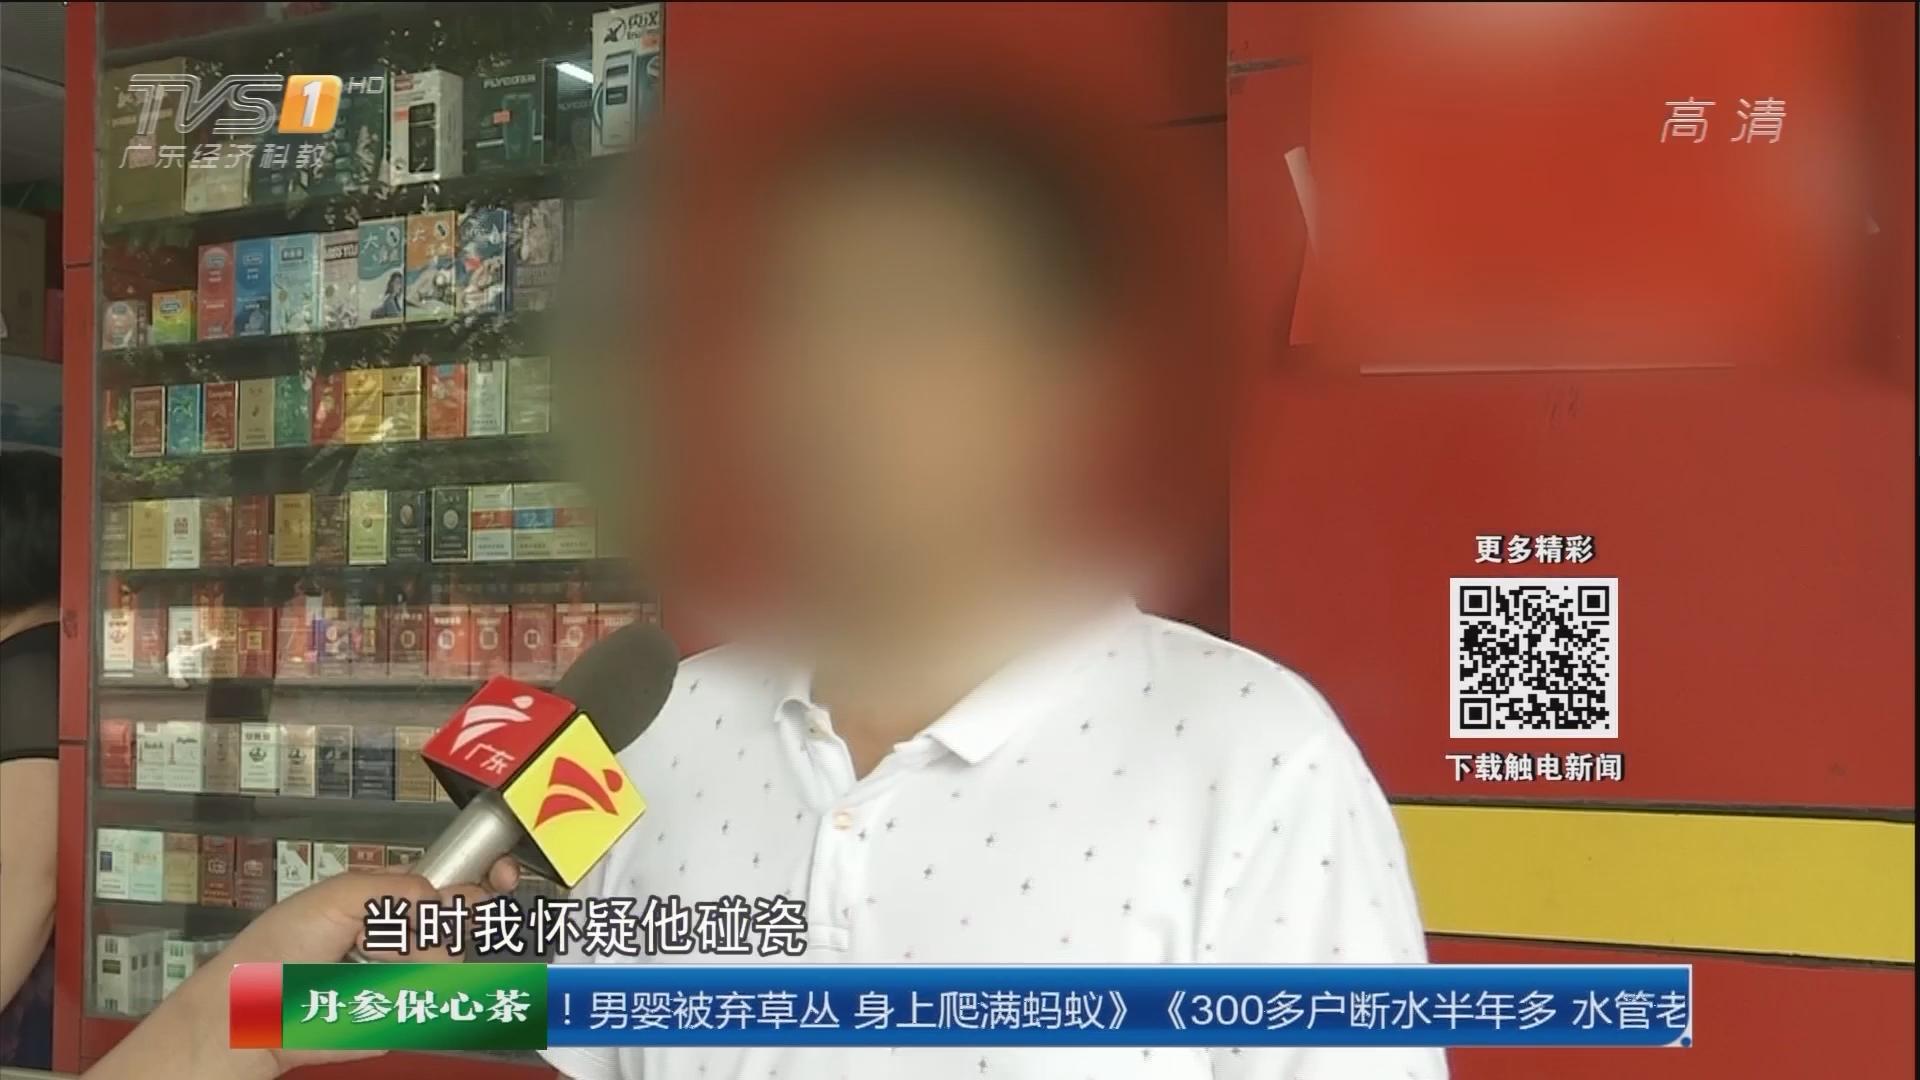 广州白云区:目睹疑似碰瓷 男子提醒竟遭报复